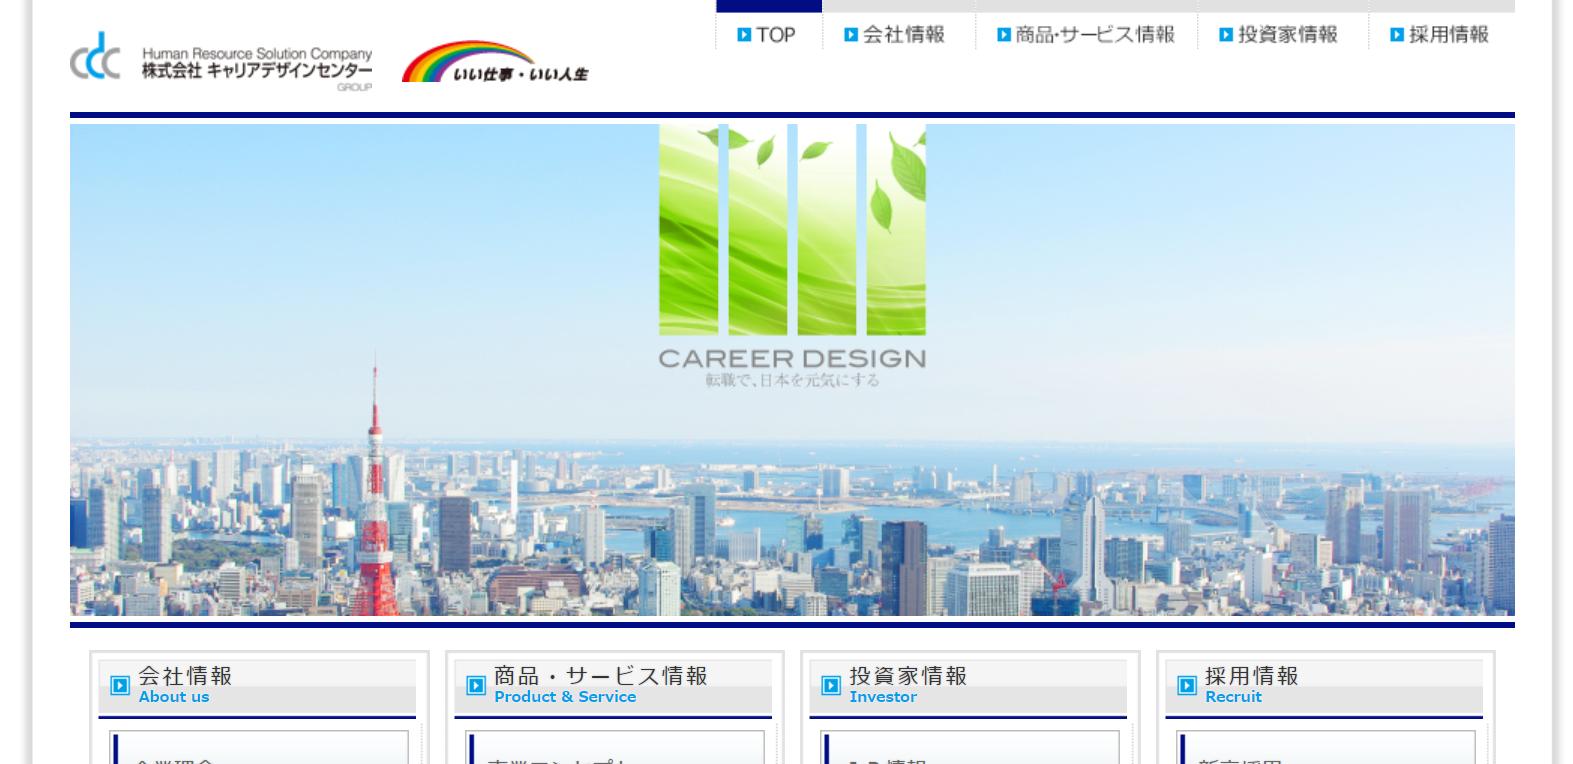 キャリアデザインセンターの評判・口コミは?